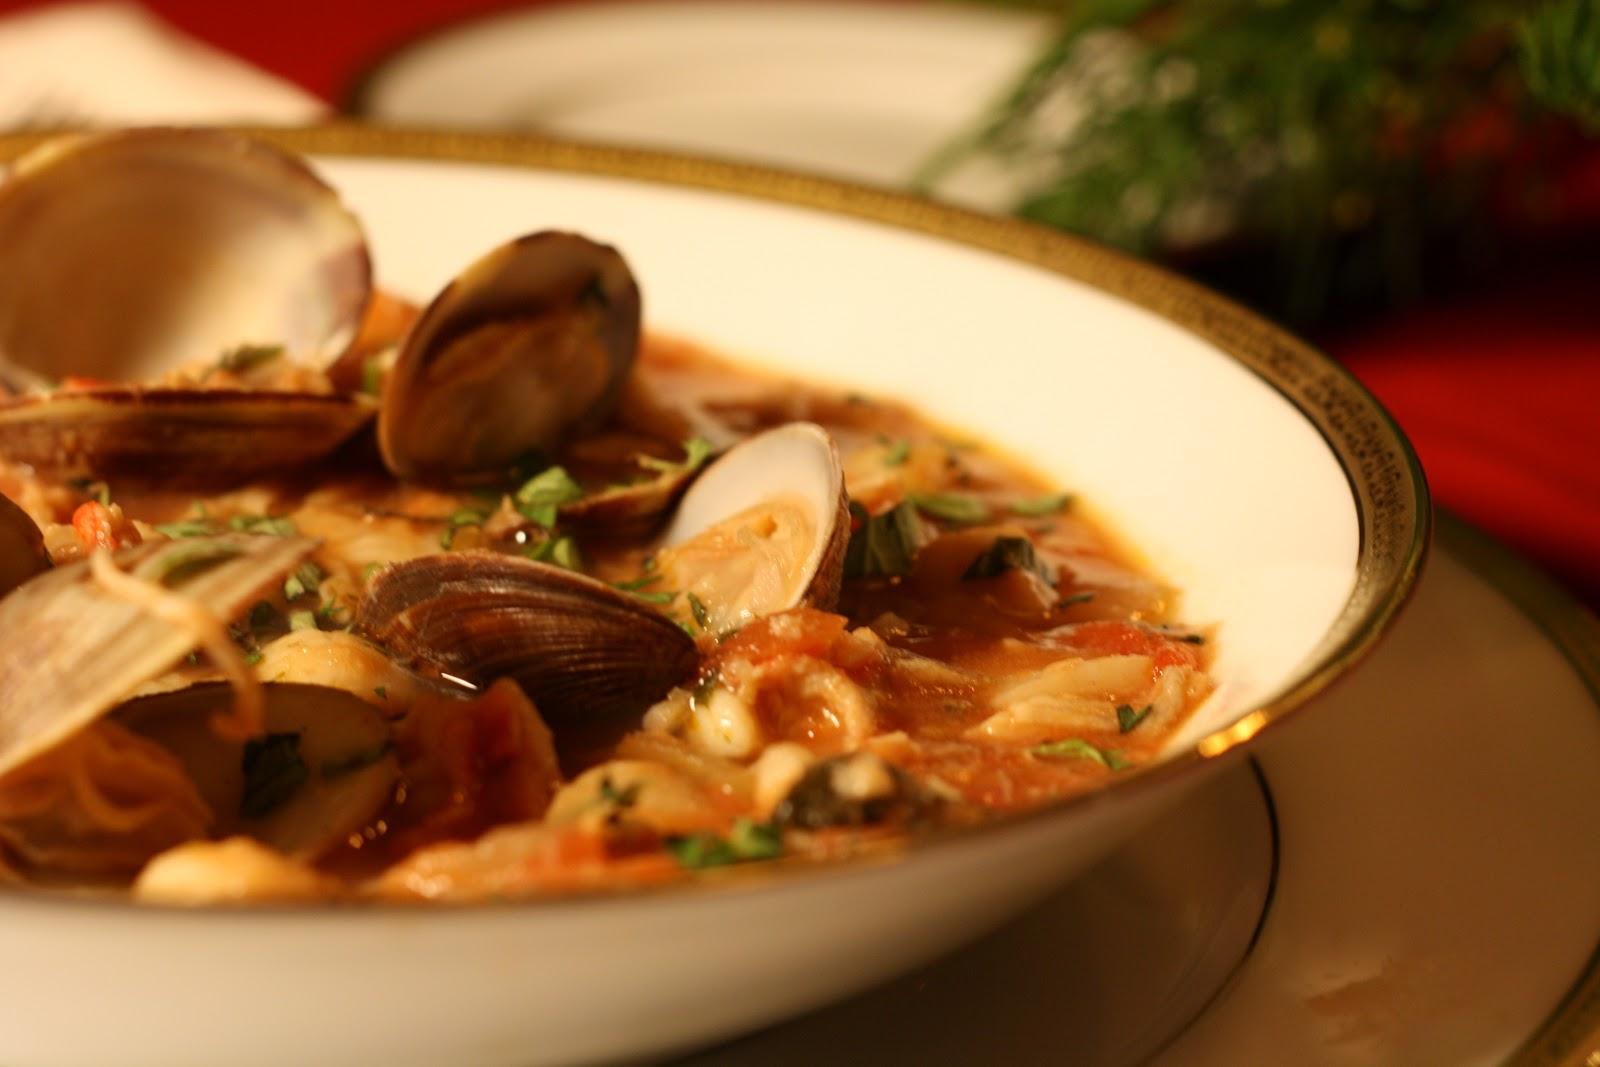 Des roches dans la cuisine la soupe de poisson - Cuisine soupe de poisson ...